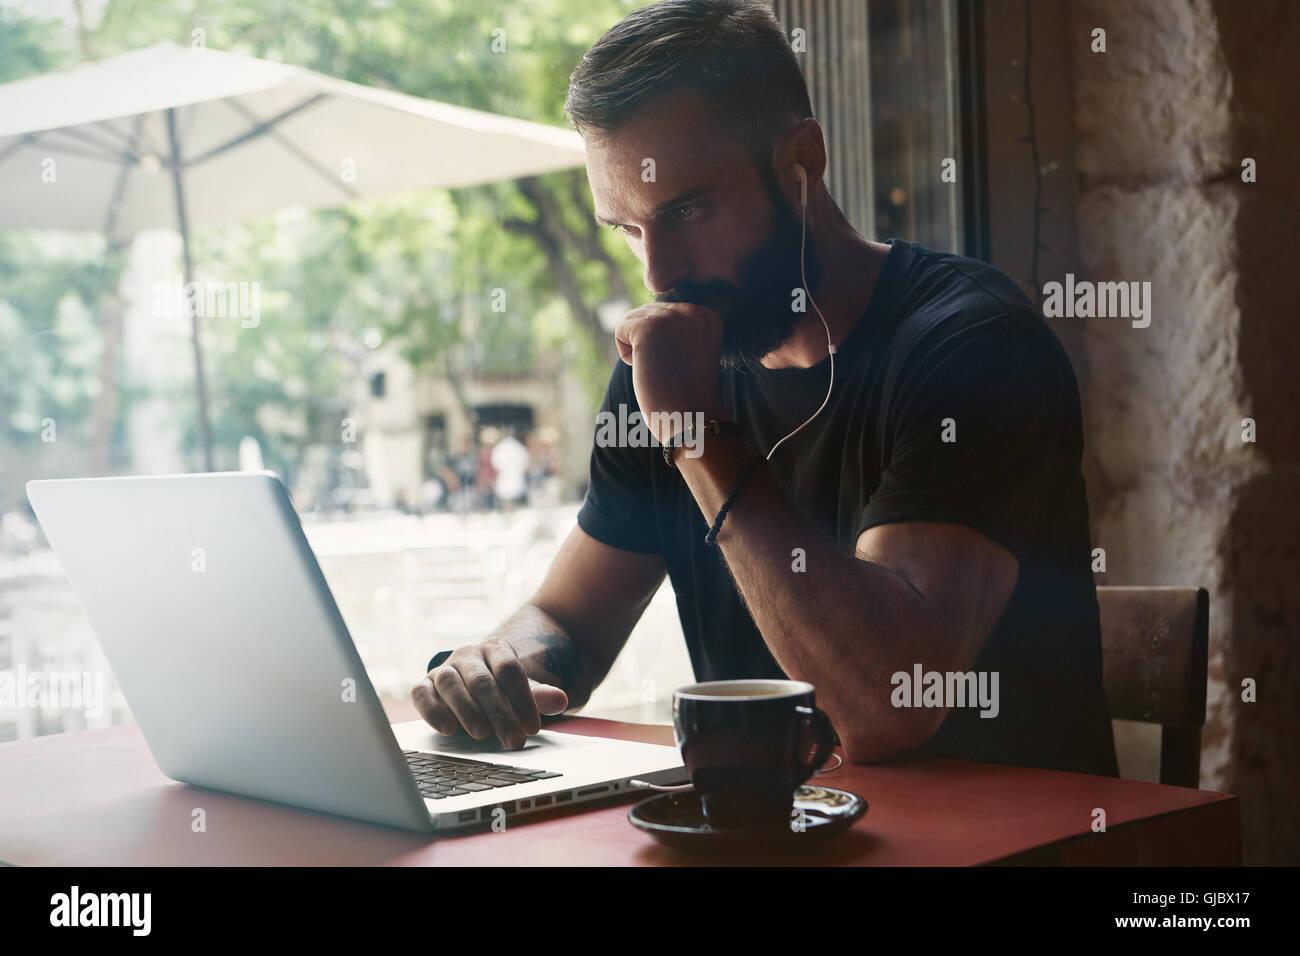 Concentrato giovane imprenditore barbuto vestita di nero Tshirt Notebook di lavoro Urban Cafe.uomo seduto tavolo Immagini Stock